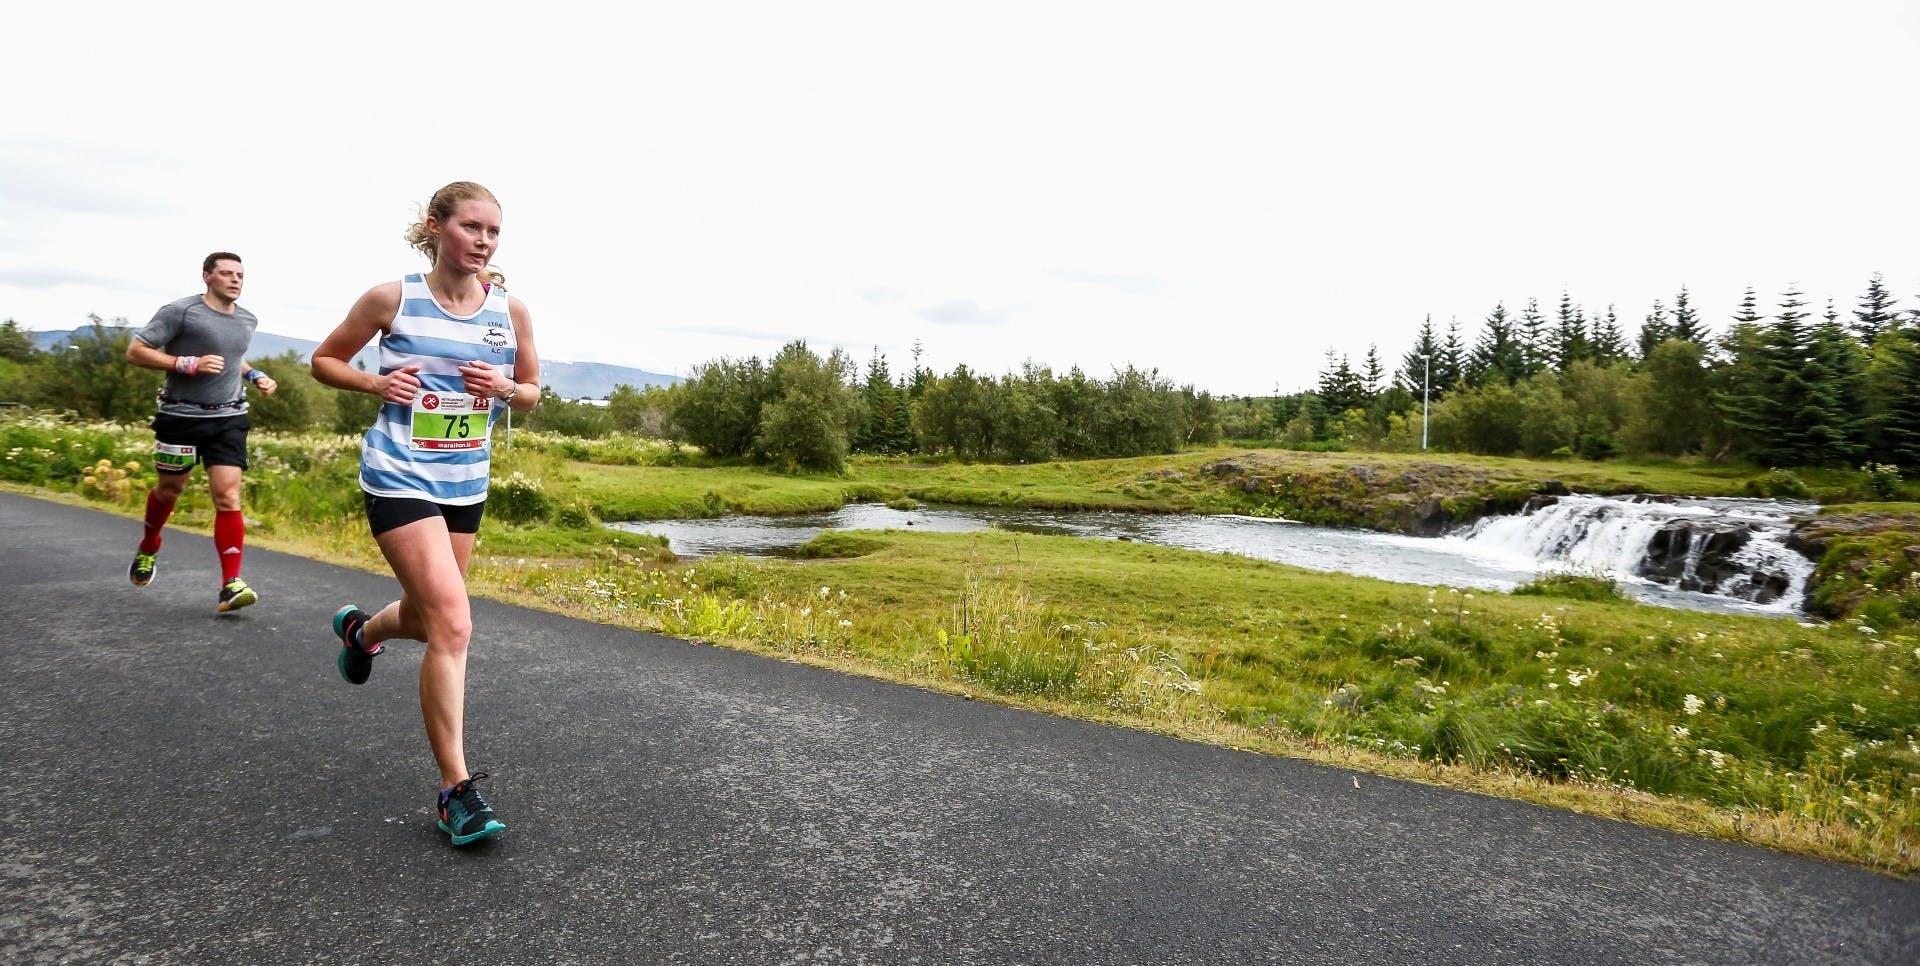 Mynd úr Reykjavíkurmaraþoni af konu & manni að hlaupa meðfram fossi